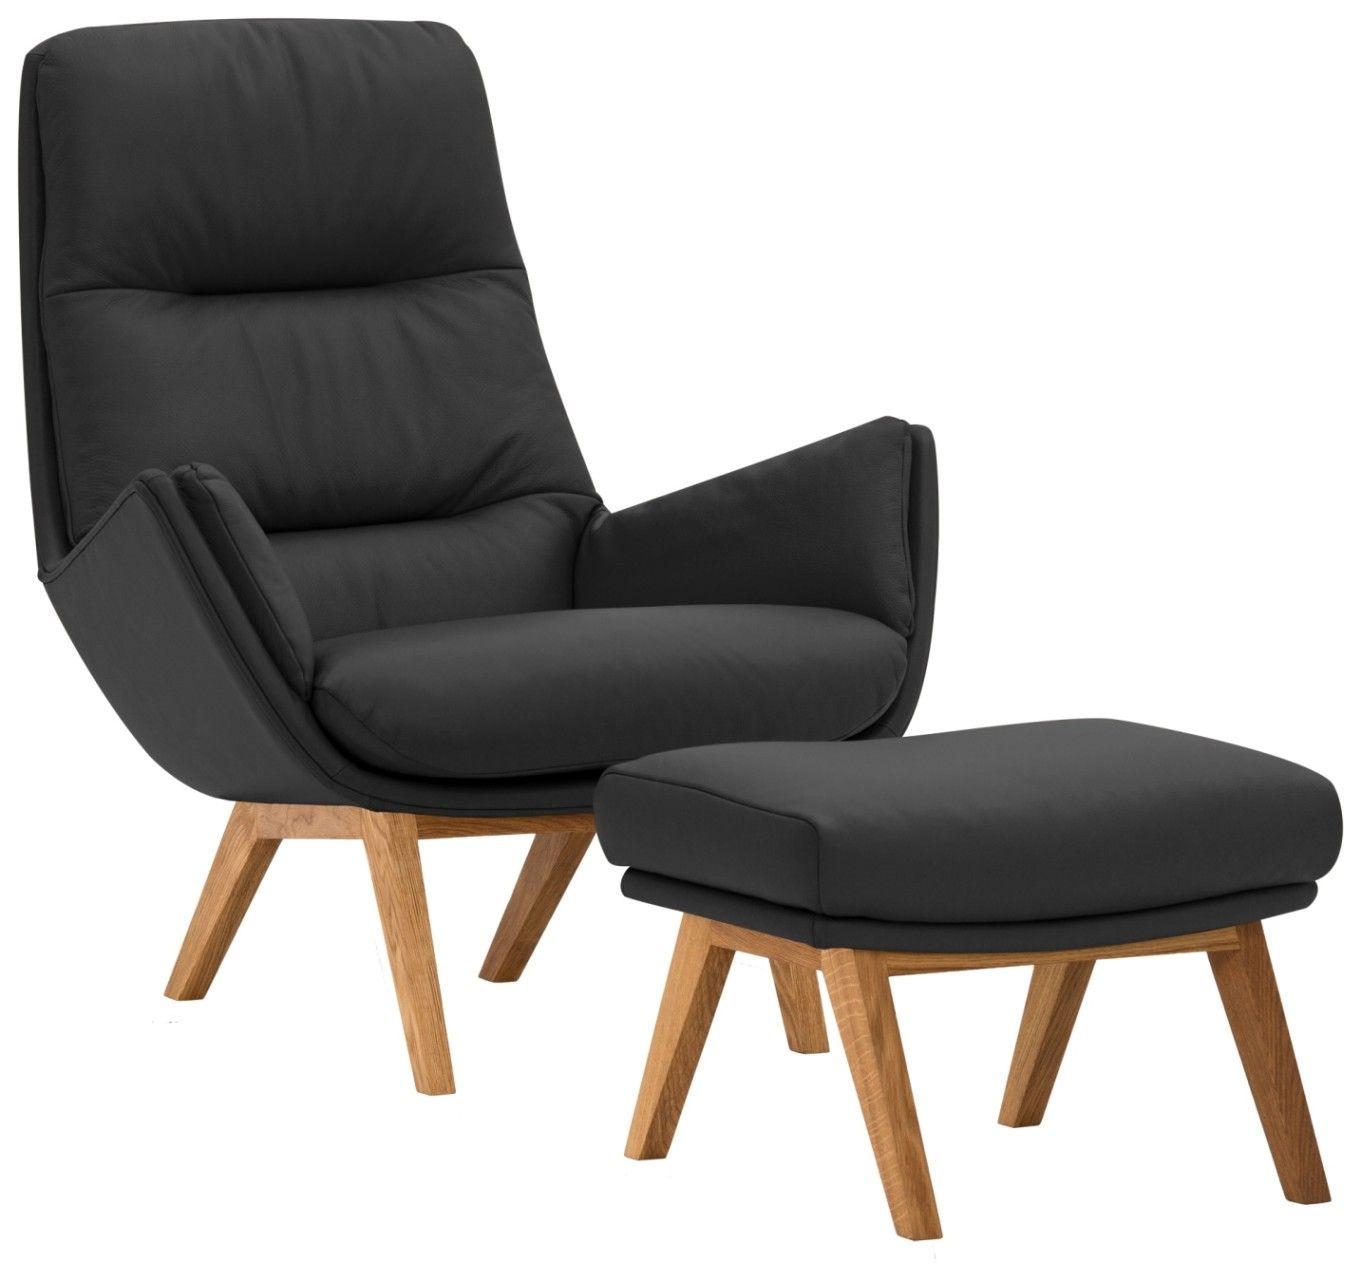 Full Size of Sessel Ikea Lounge Tolle Grau Fr Wohnzimmer Küche Kaufen Relaxsessel Garten Modulküche Kosten Schlafzimmer Hängesessel Betten Bei Miniküche Sofa Mit Wohnzimmer Sessel Ikea